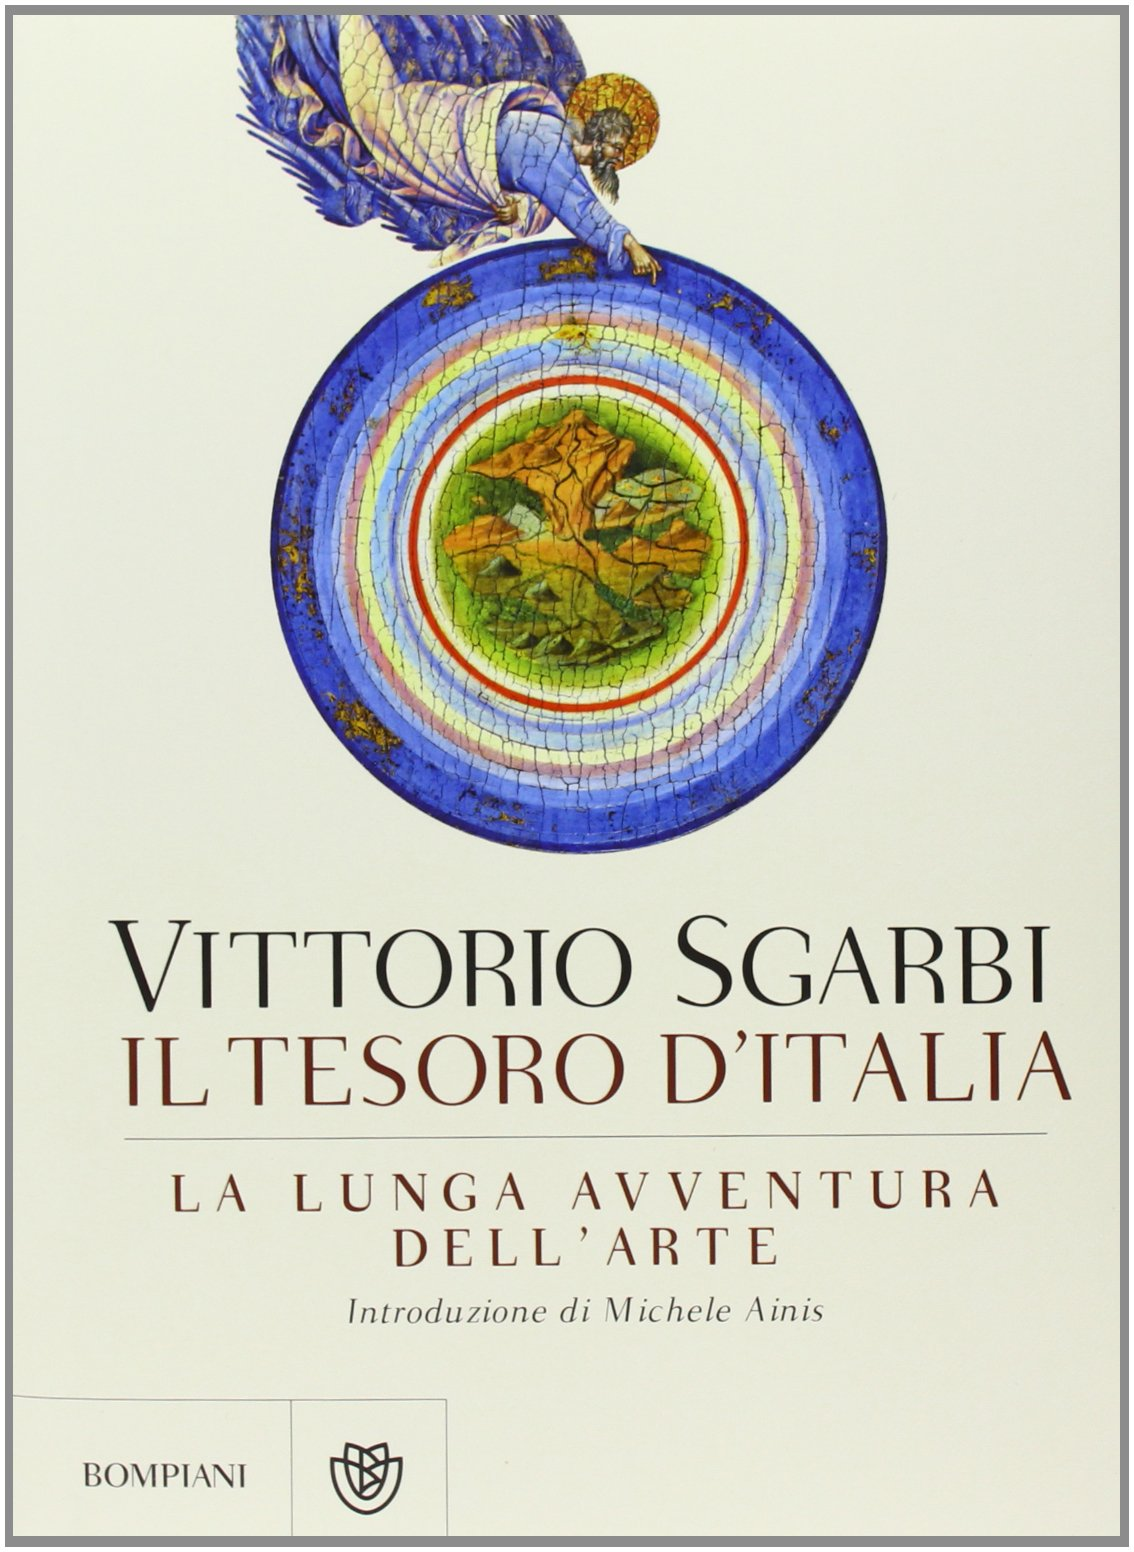 Libri di vittorio sgarbi - la lunga avventura dell`arte. il tesoro d`italia. ediz. illustrata (italiano) 884527456X